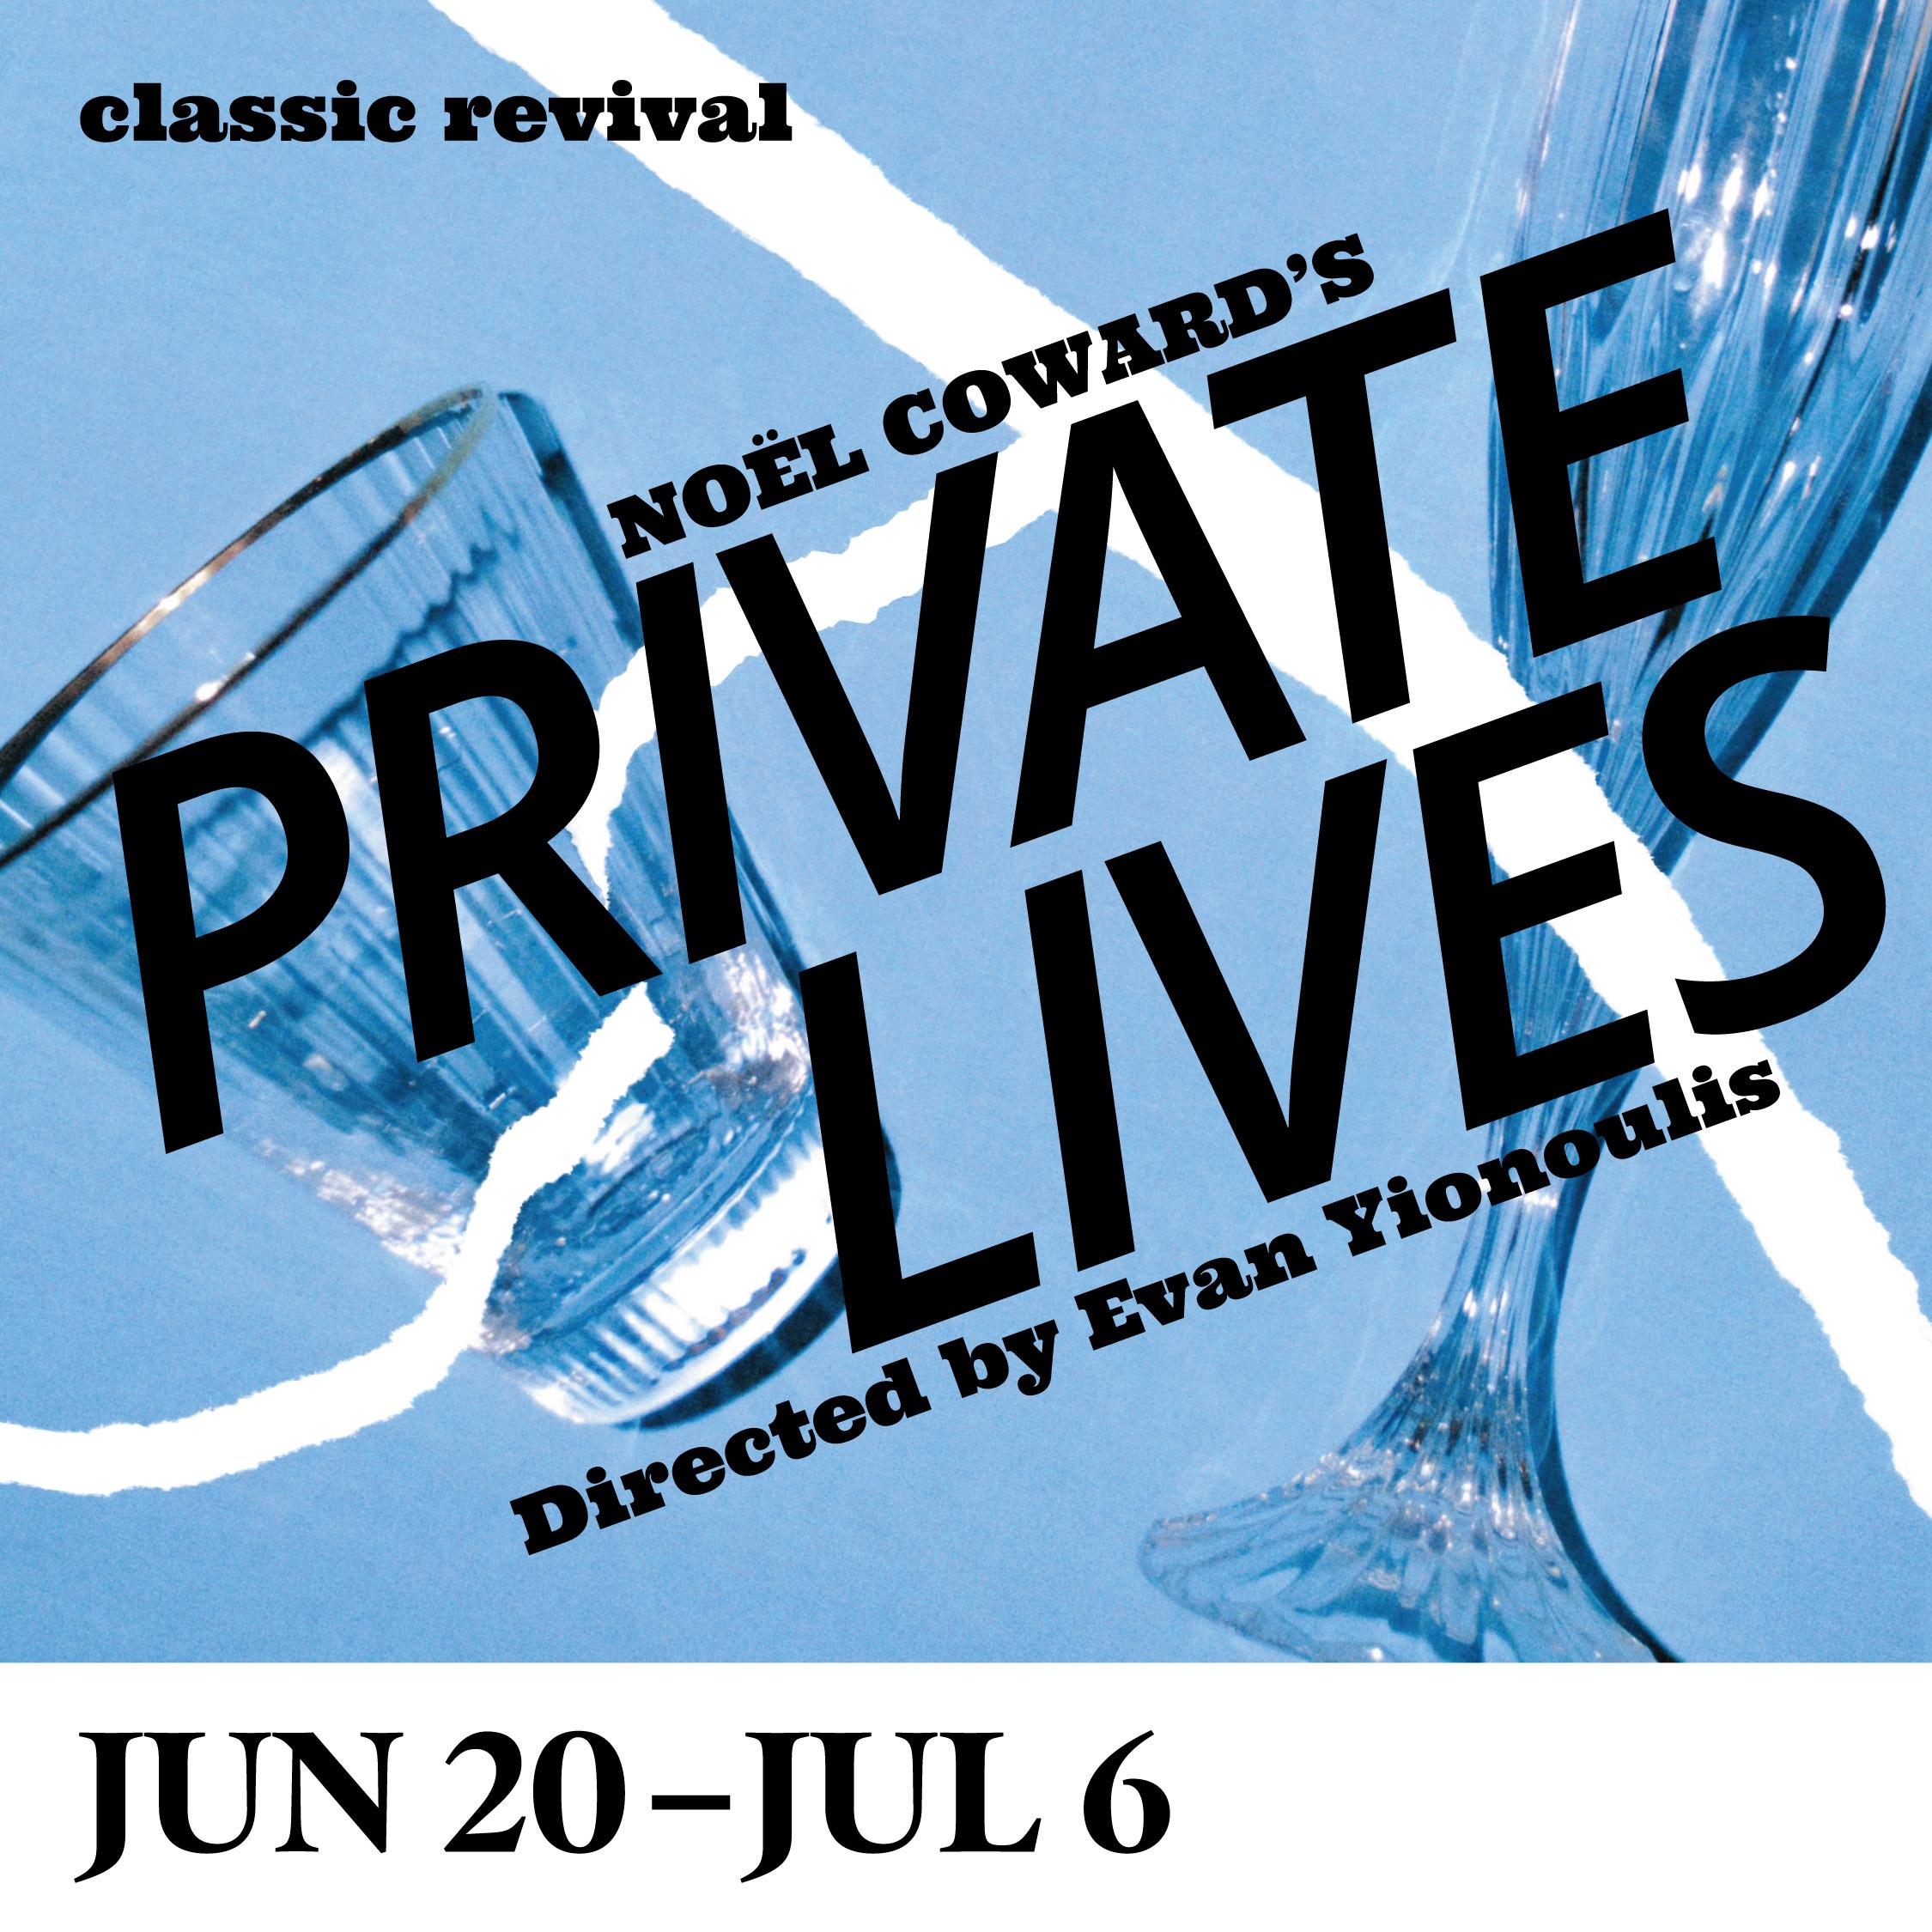 Noël Coward's PRIVATE LIVES — Dorset Theatre Festival